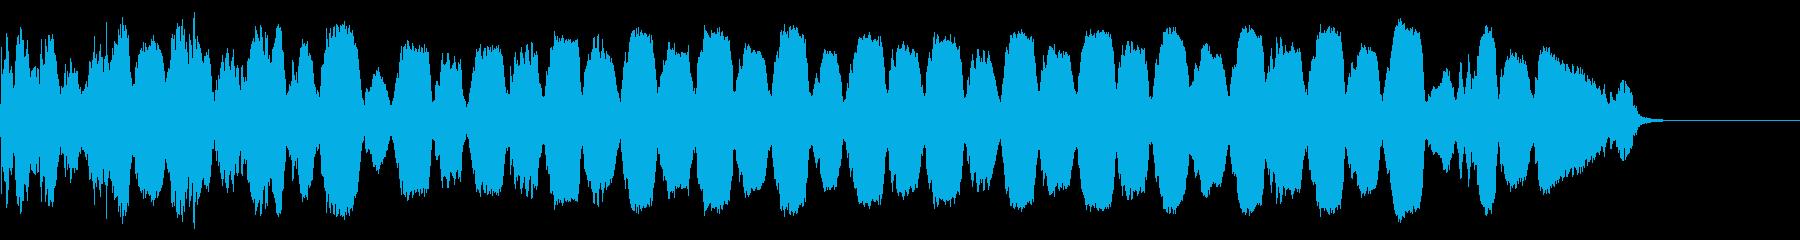 不穏 トランペット フラッター ドライの再生済みの波形